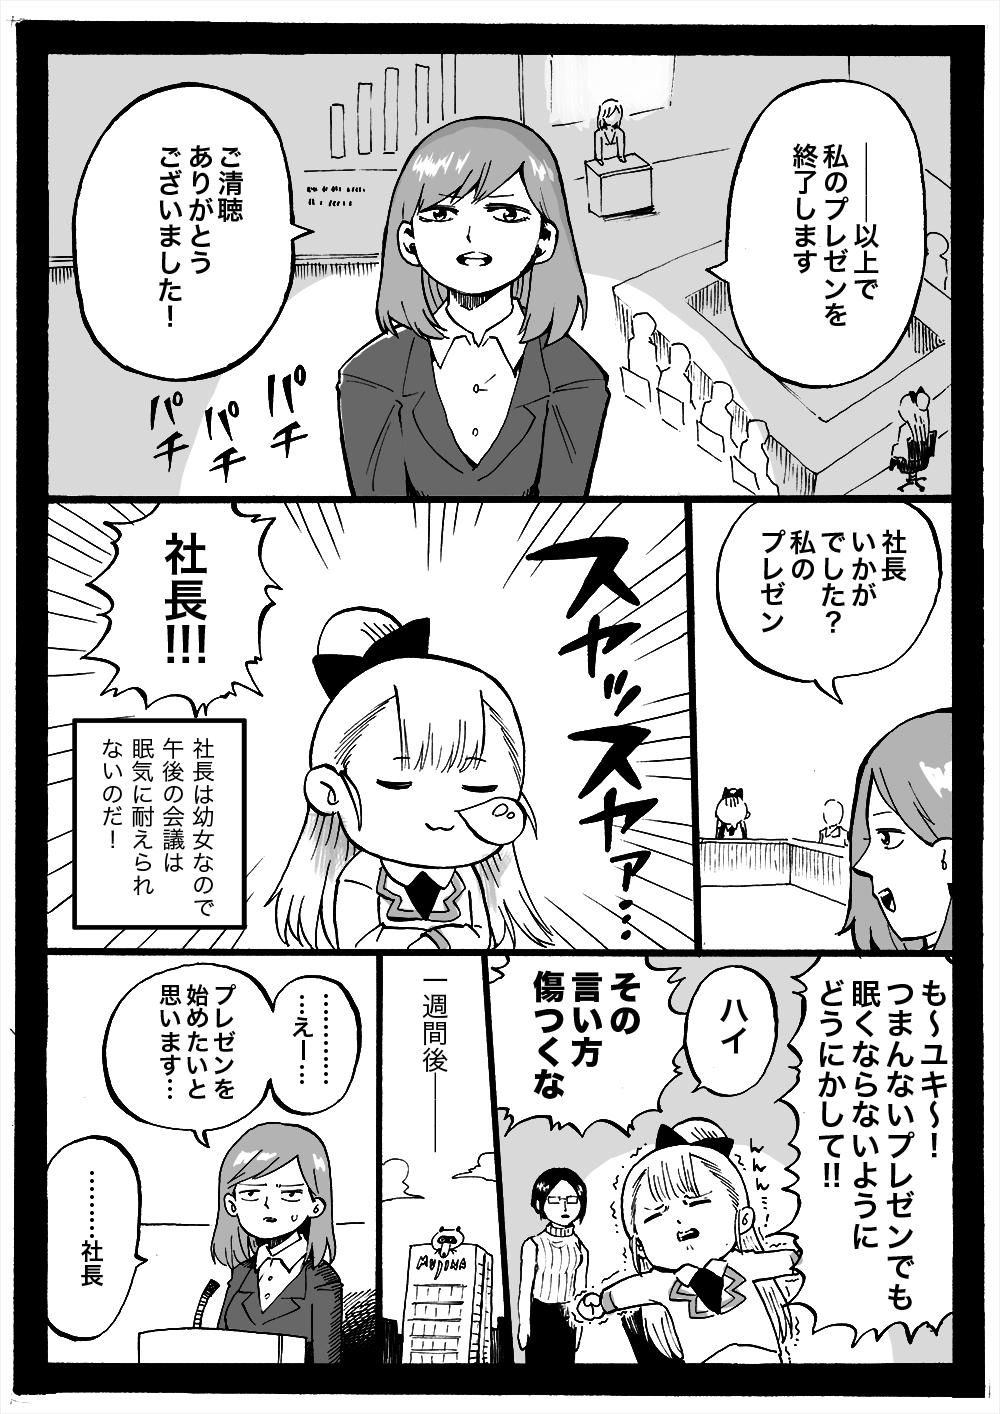 幼女社長(いねむり(単行本収録))